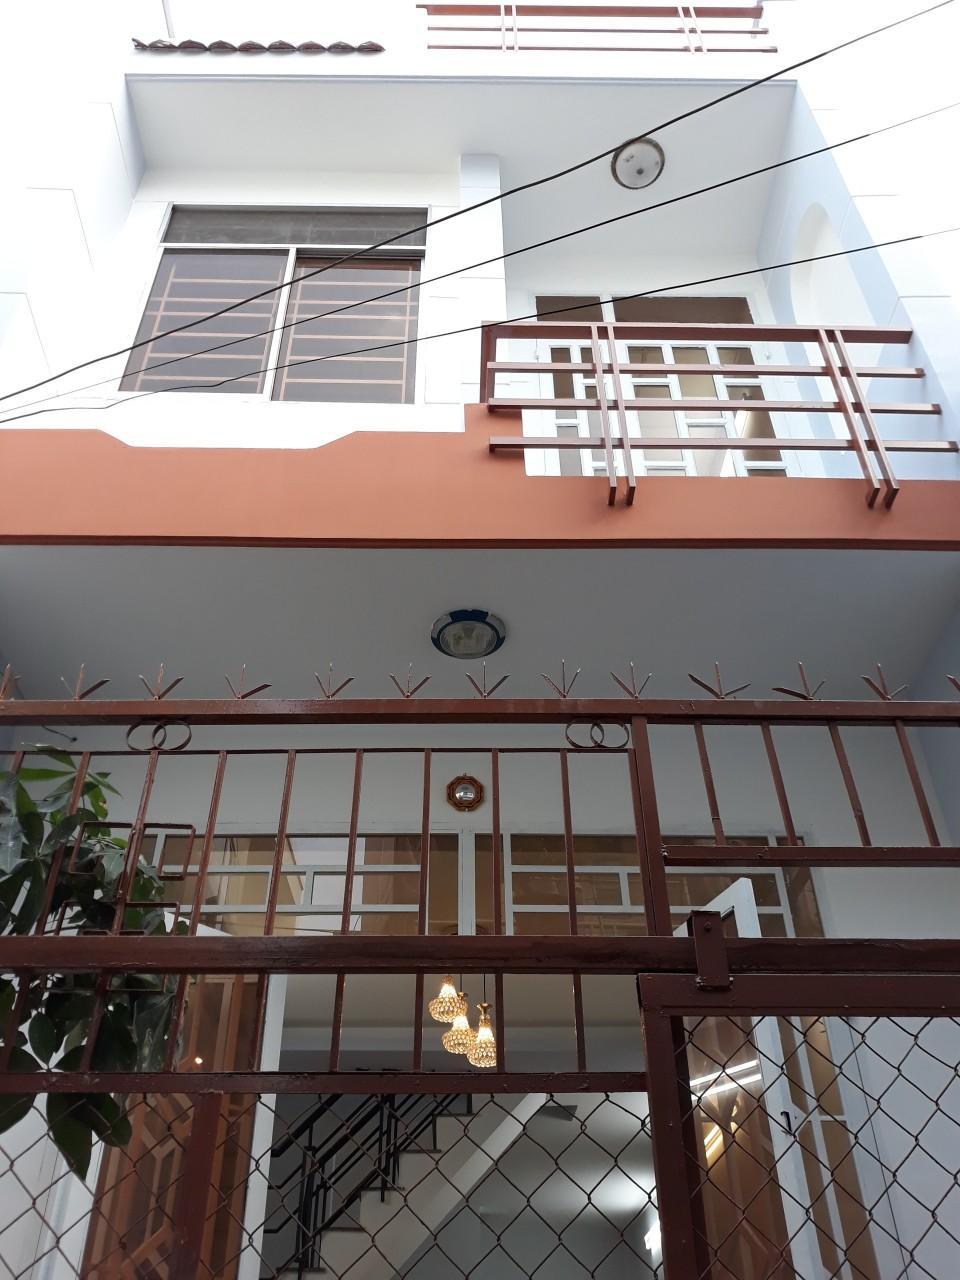 Bán nhà hẻm Nguyễn Ngọc Nhựt Quận Tân Phú, hẻm 1 sẹc, diện tích 4m x 10m, 1 trệt 1 lầu, giá 2,75 tỷ TL nhẹ.3